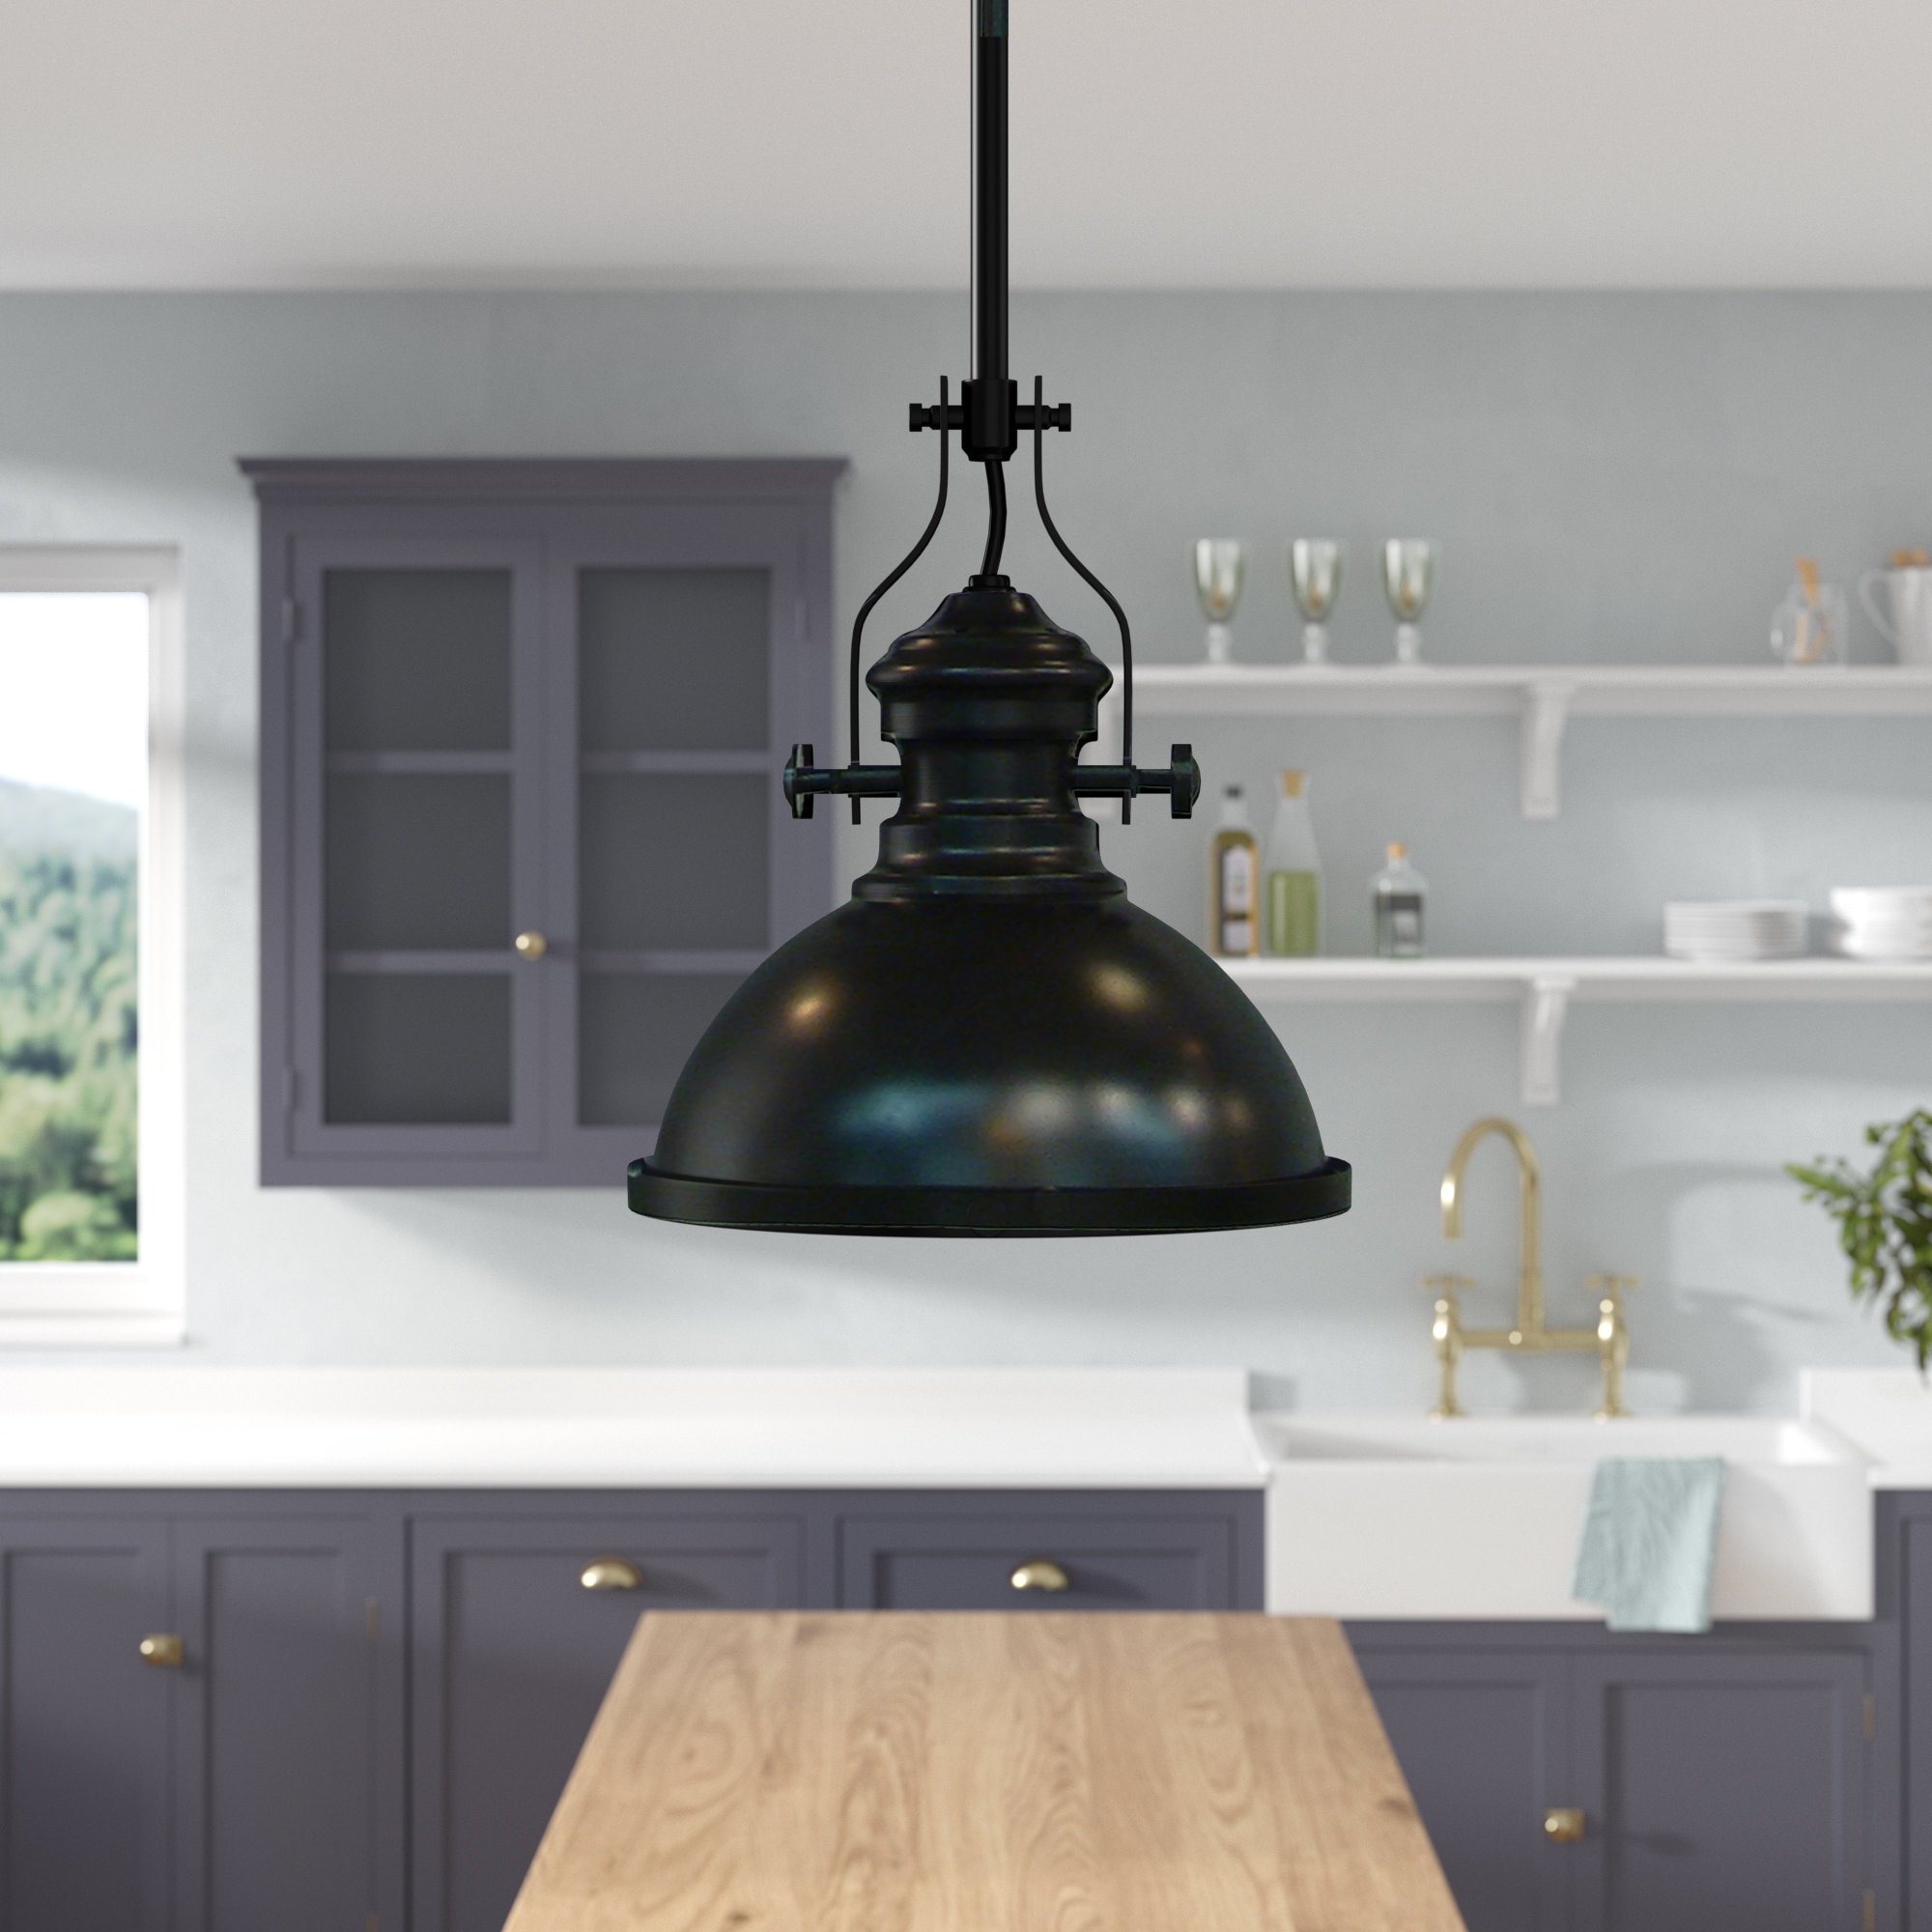 2020 Sorrells 1 Light Single Dome Pendant Pertaining To Hamilton 1 Light Single Dome Pendants (Gallery 5 of 20)